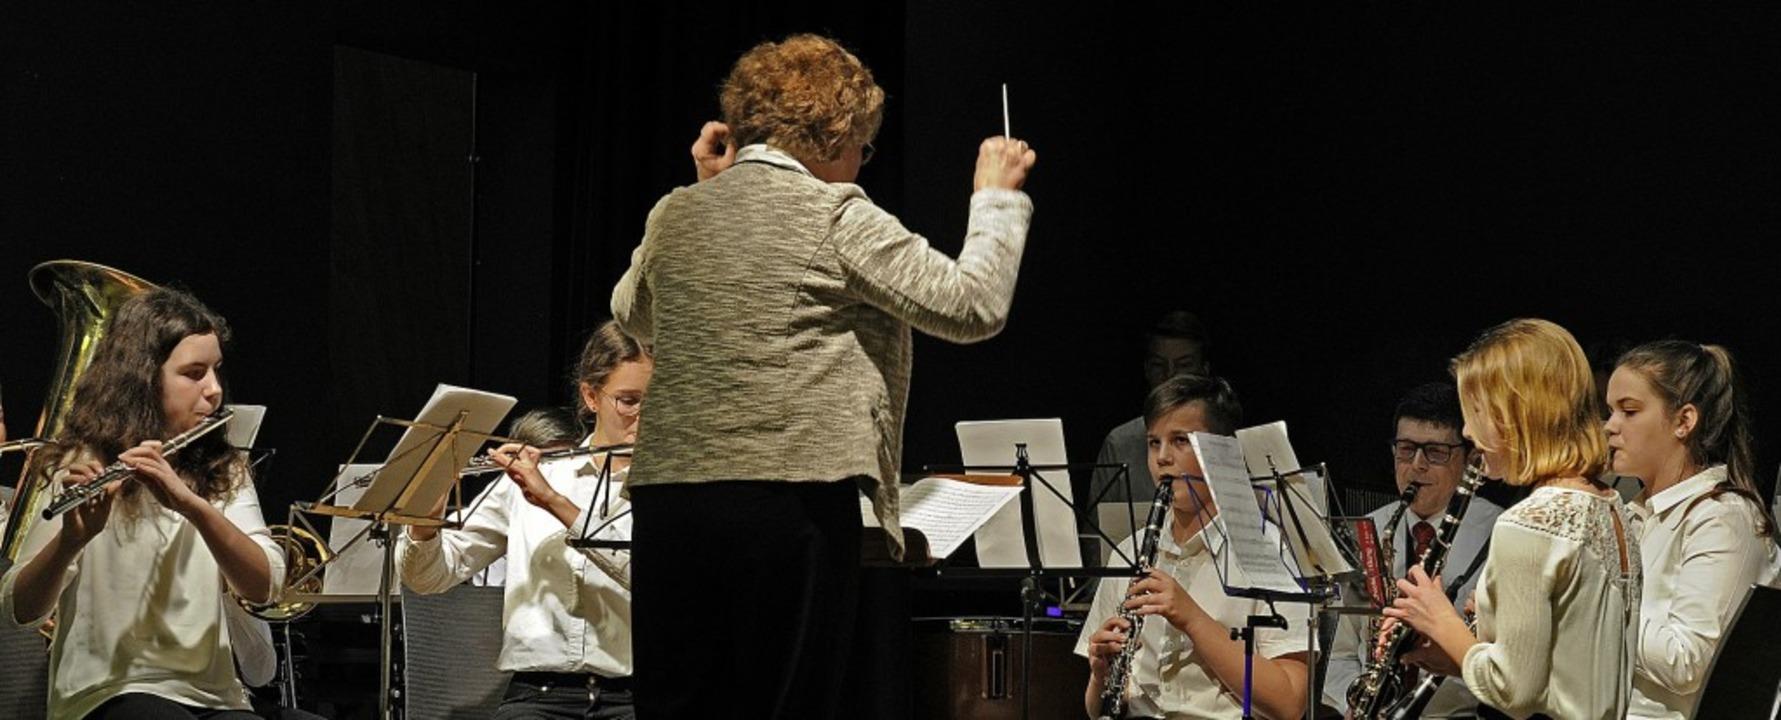 Das  Anfängerorchester der Stadtkapelle Lahr unter Leitung von Margot Volk  | Foto: Pressebüro schaller